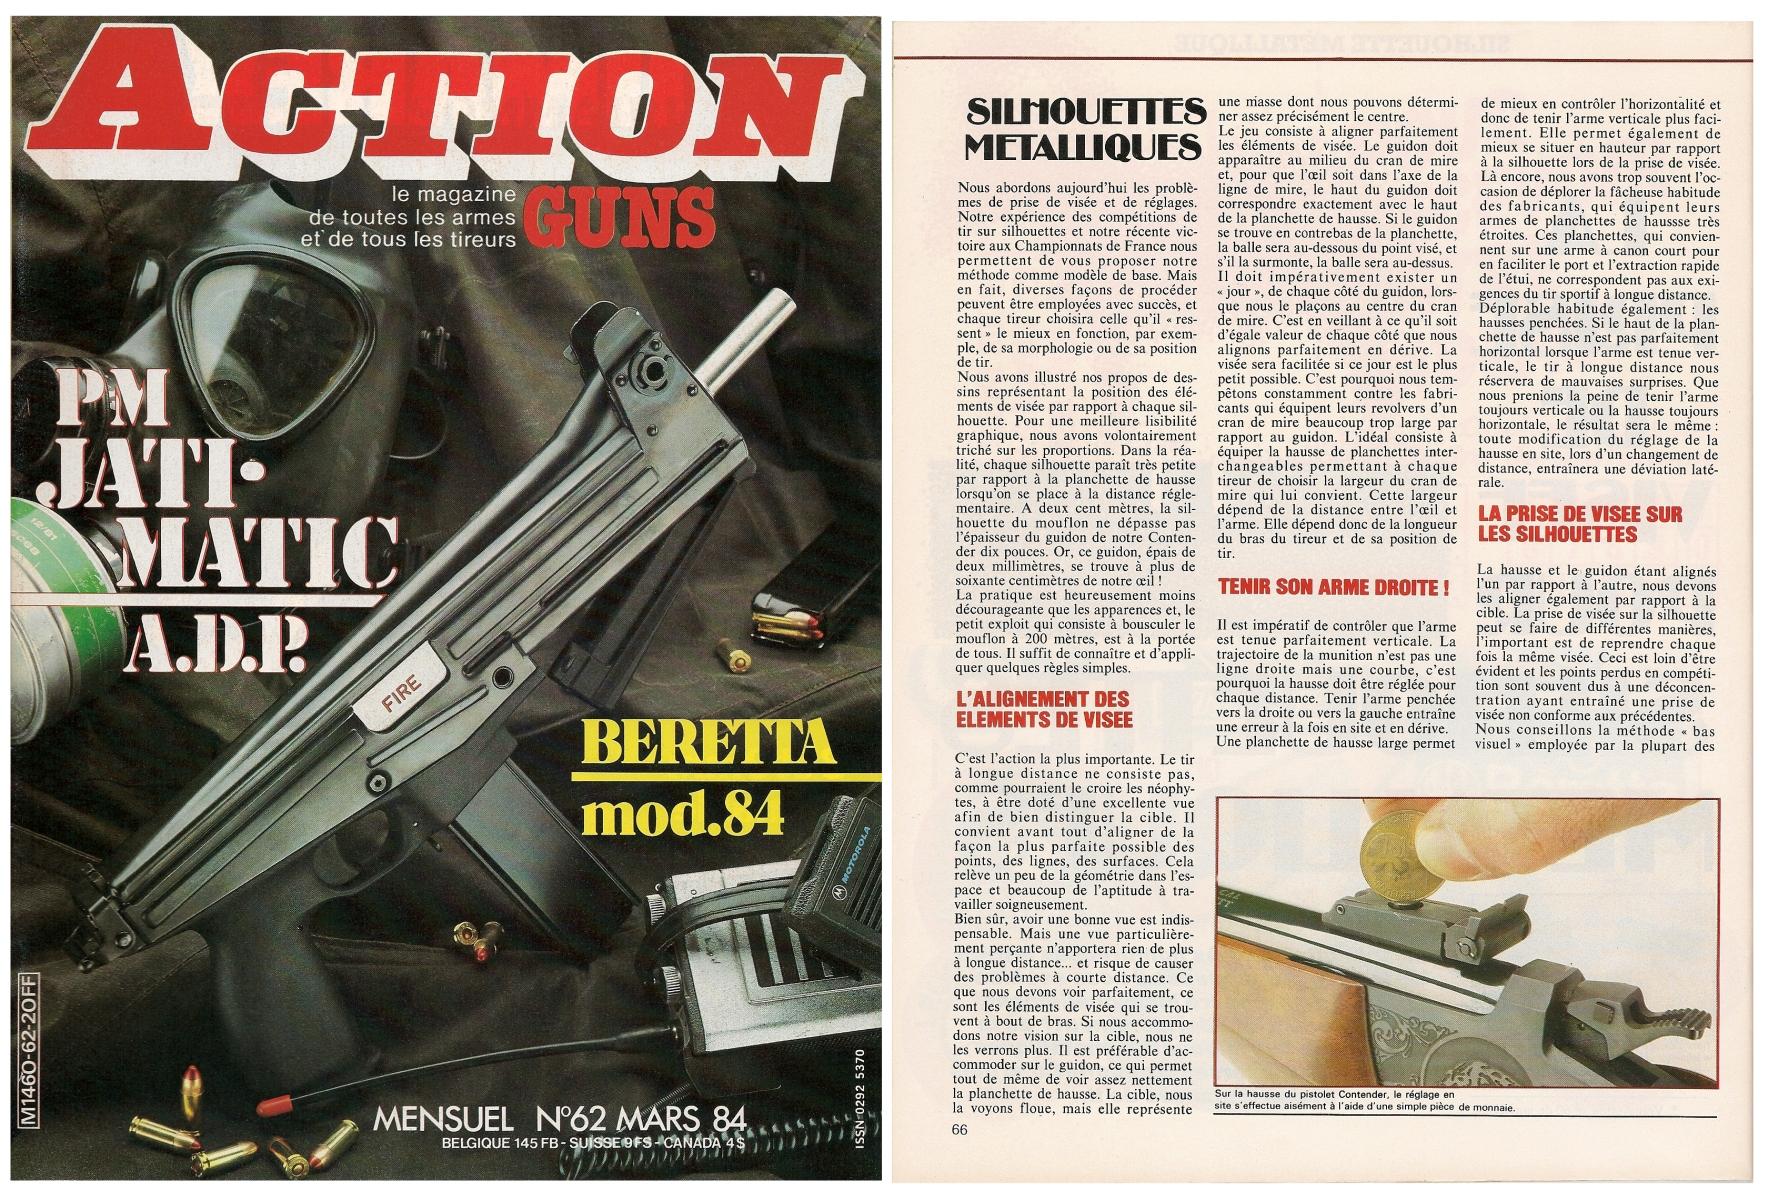 Cet article traitant de la prise de visée sur les silhouettes métalliques a été publié sur 5 pages dans le magazine Action Guns n°62 (mars 1984).